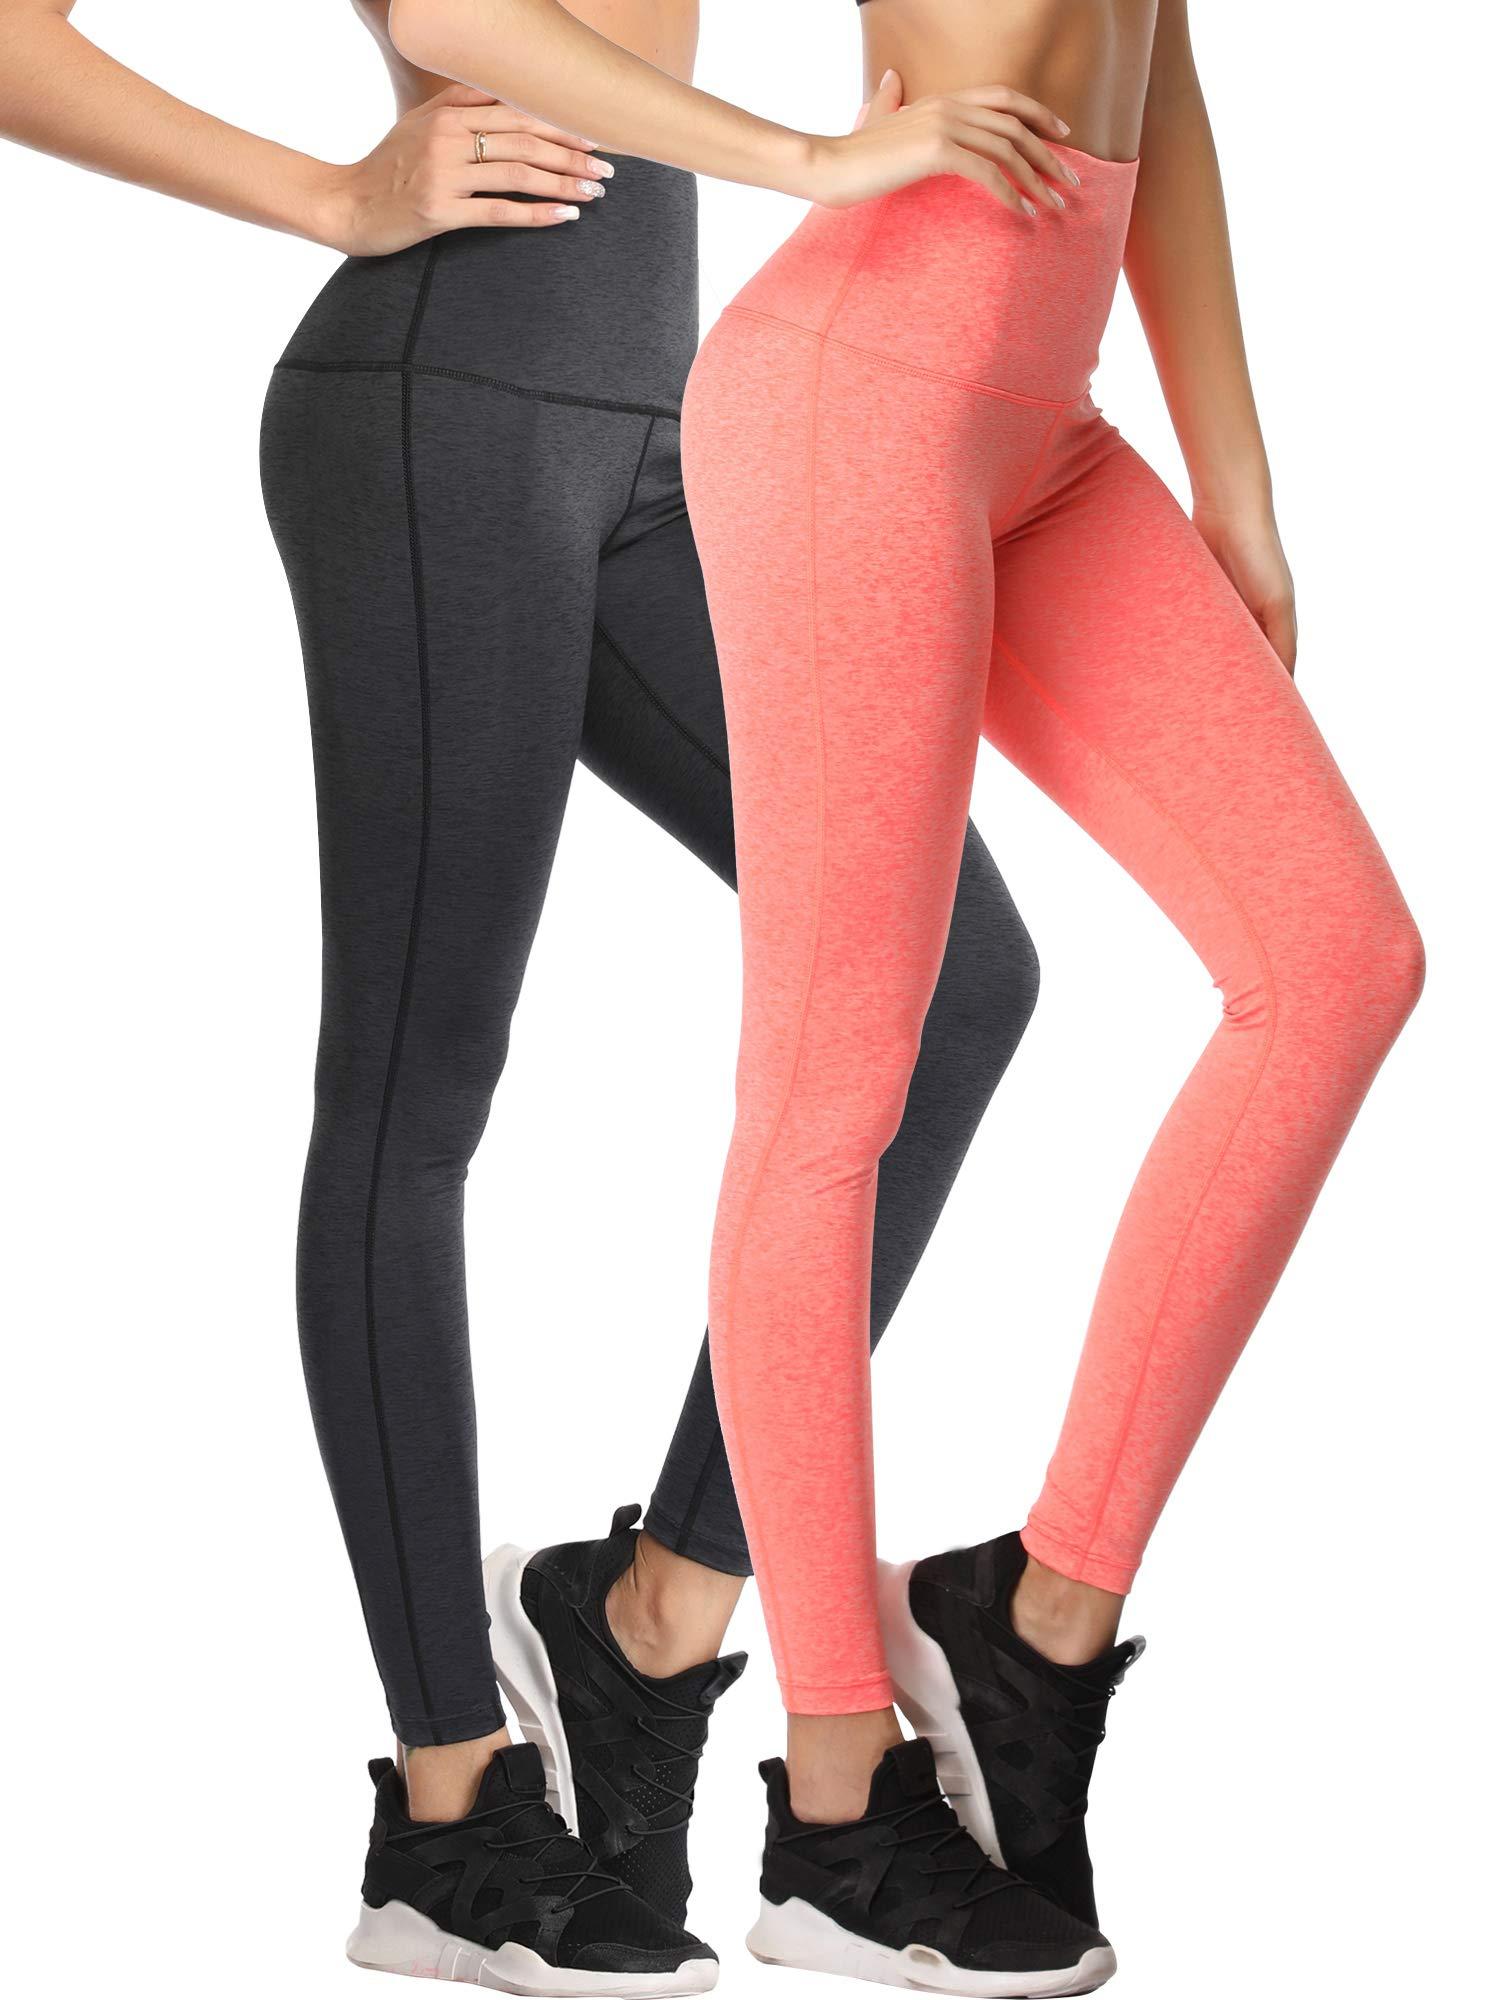 Cadmus Tummy Control Workout Leggings for Yoga Womens,1101,Dark Grey & Orange,Small